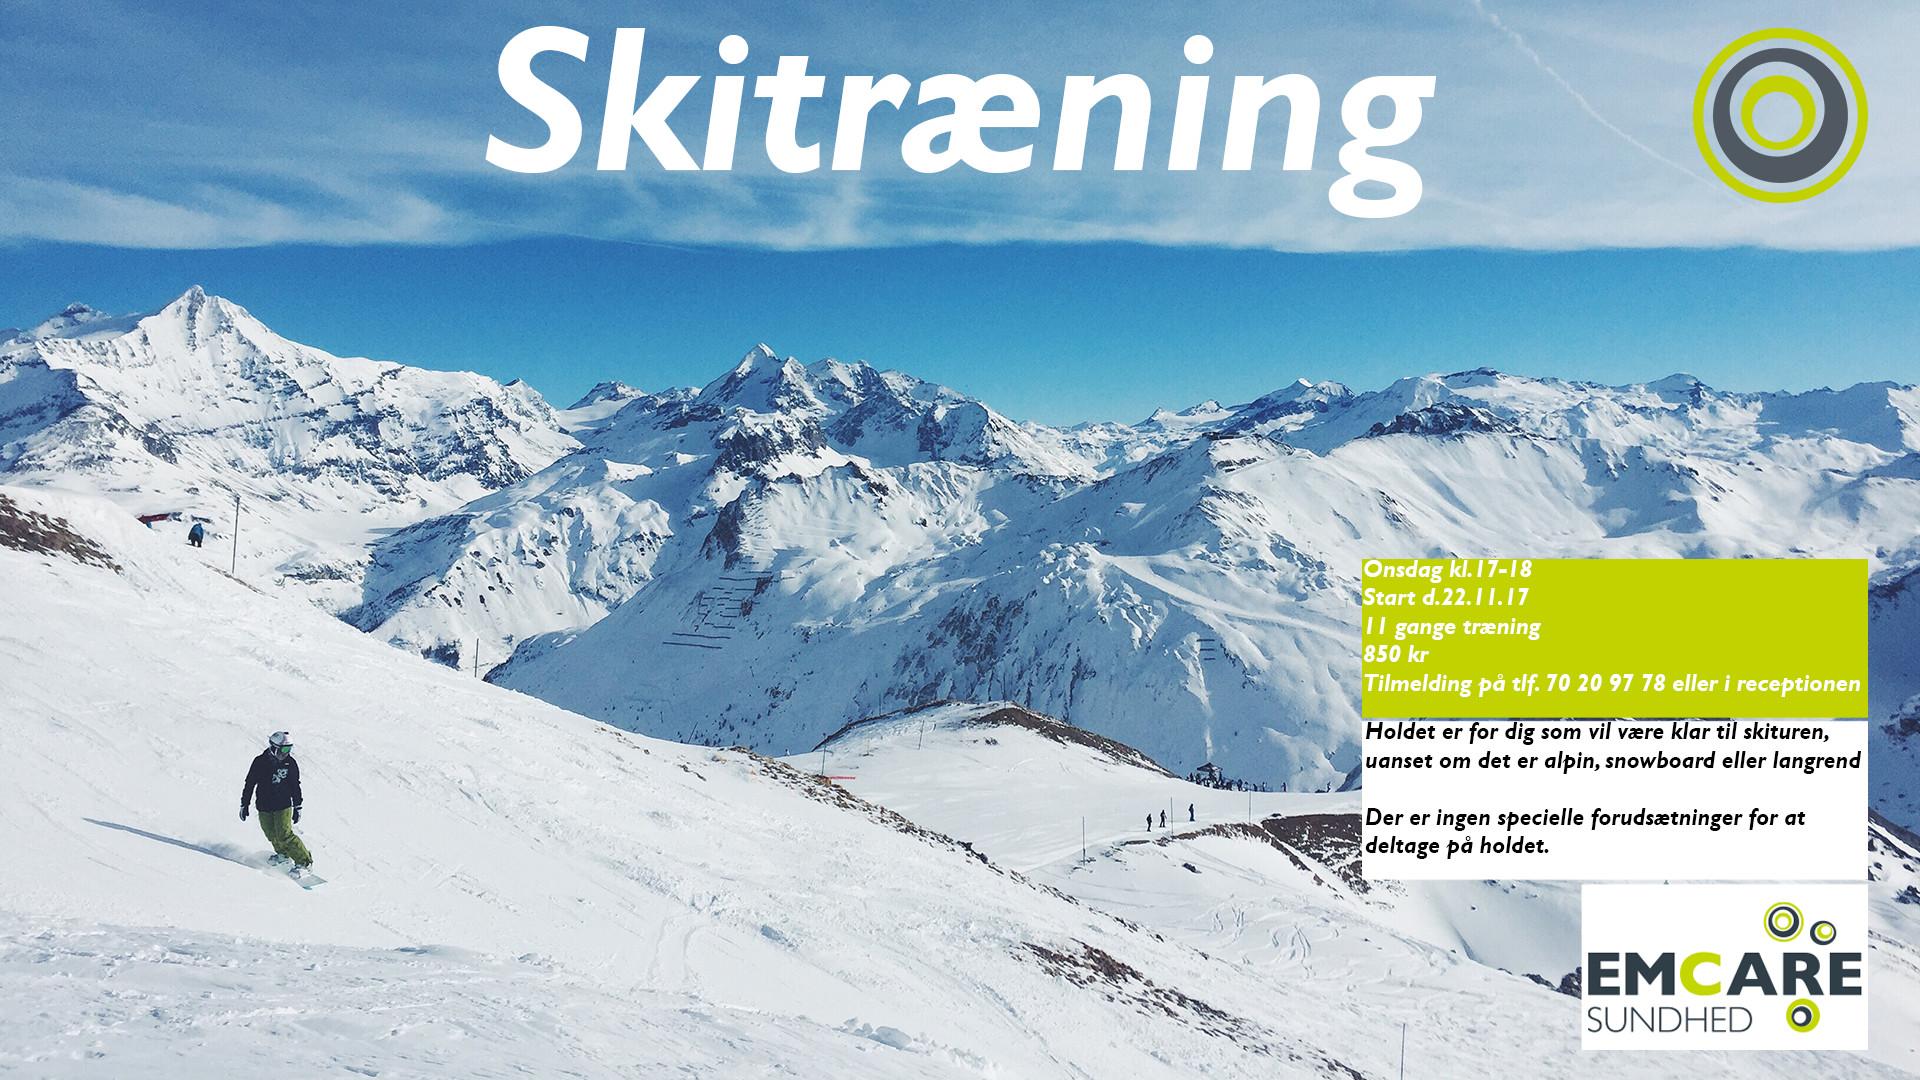 Skitræning.jpg